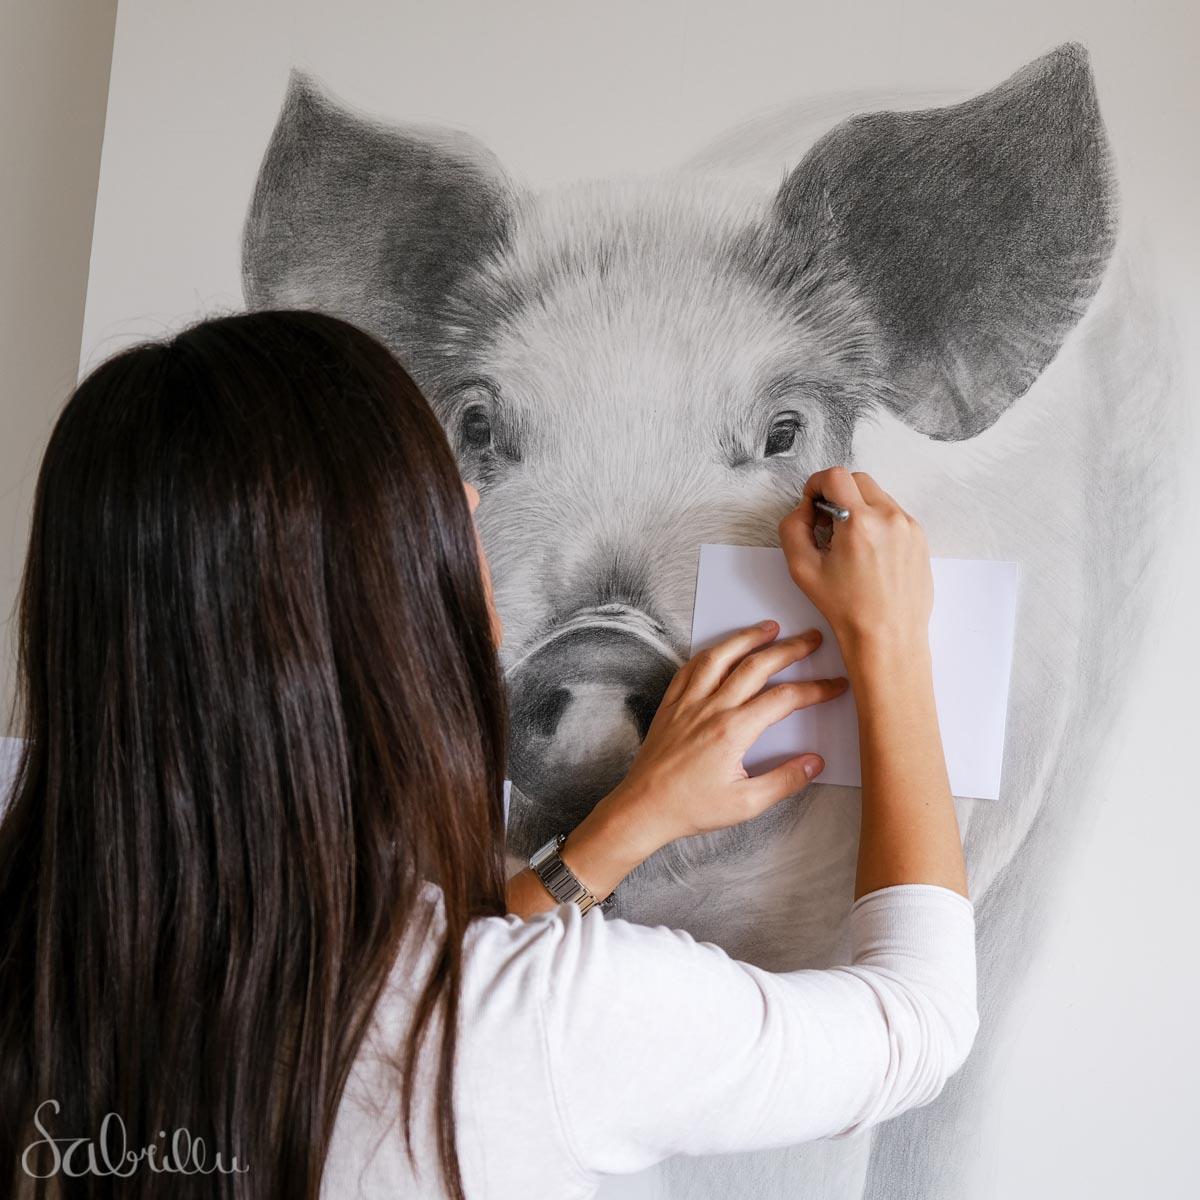 Zeichnung Entstehung, Graphit auf Papier, Schwein